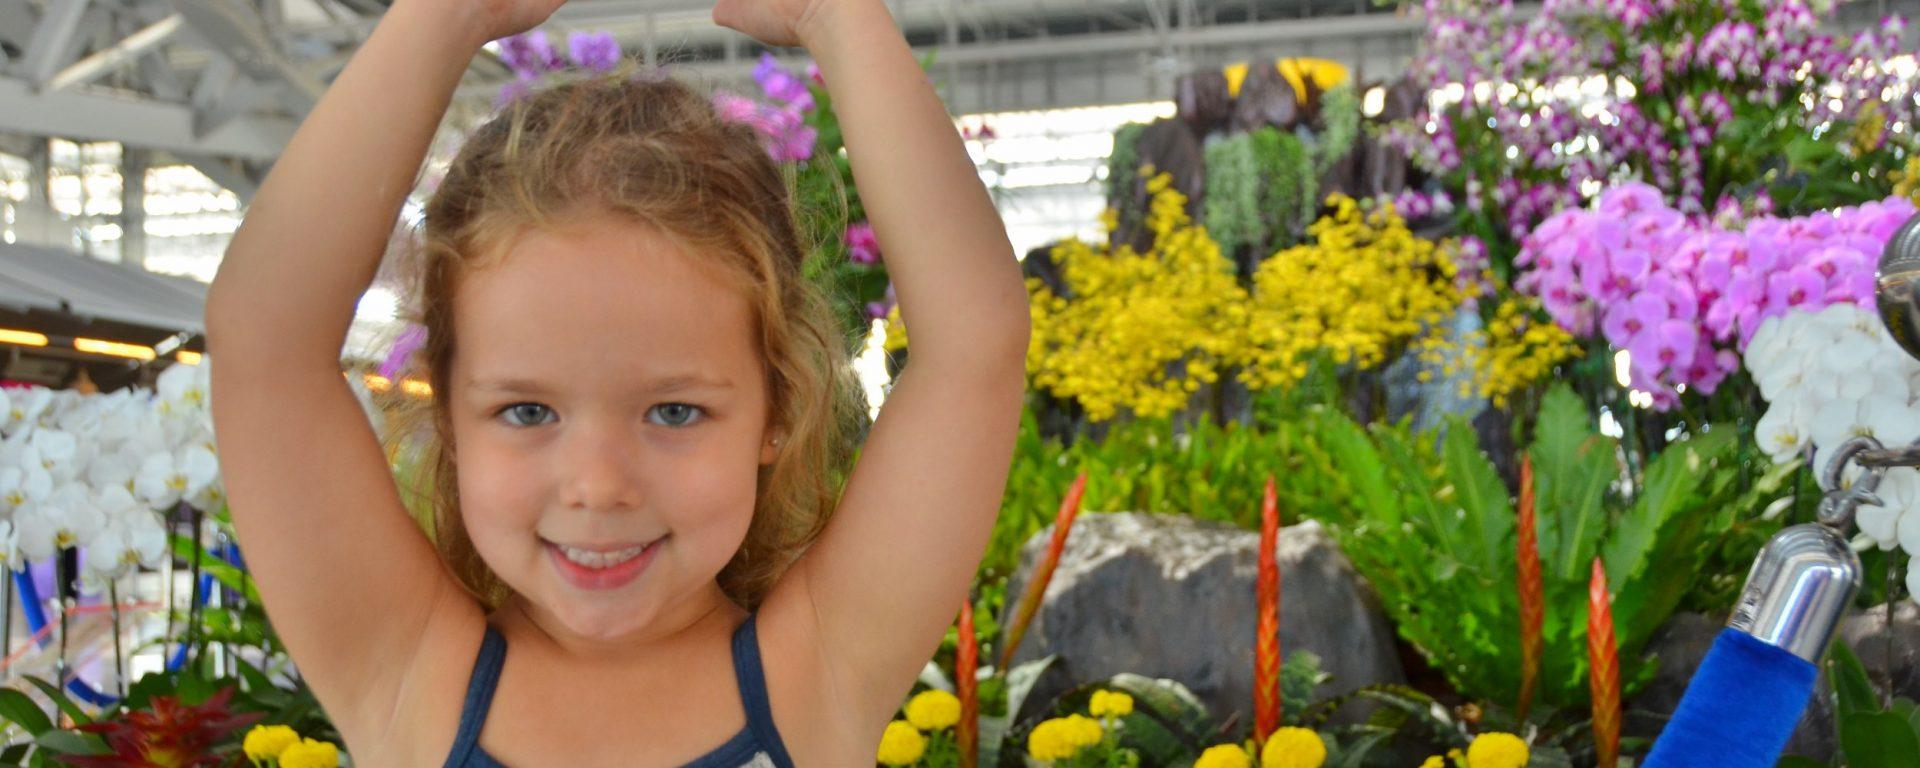 criança, flores, fala, engraçada, humor